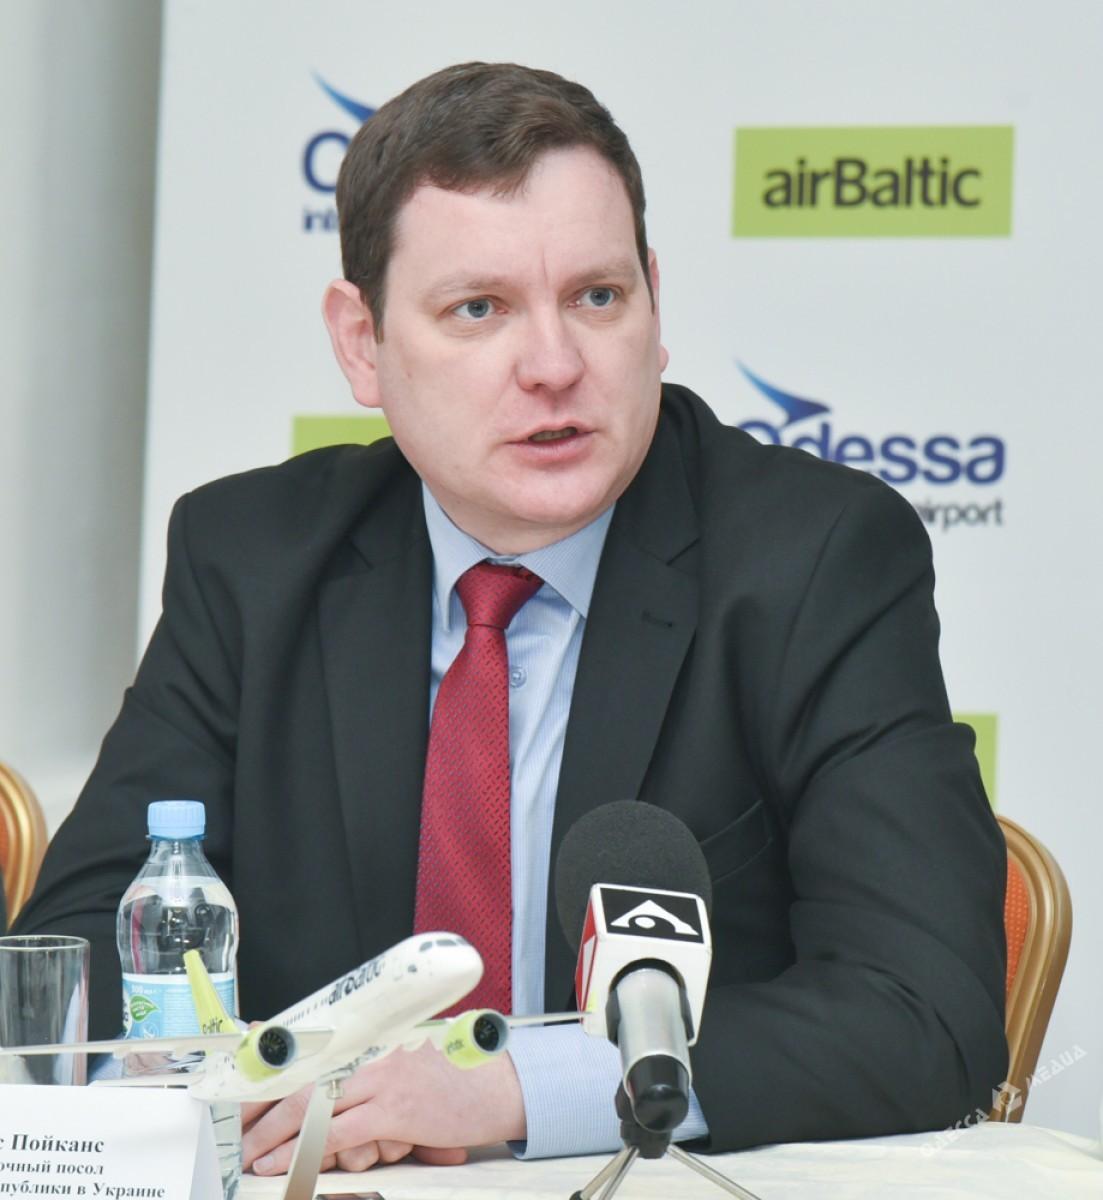 Латвийская авиакомпания возобновила прямые рейсы в государство Украину